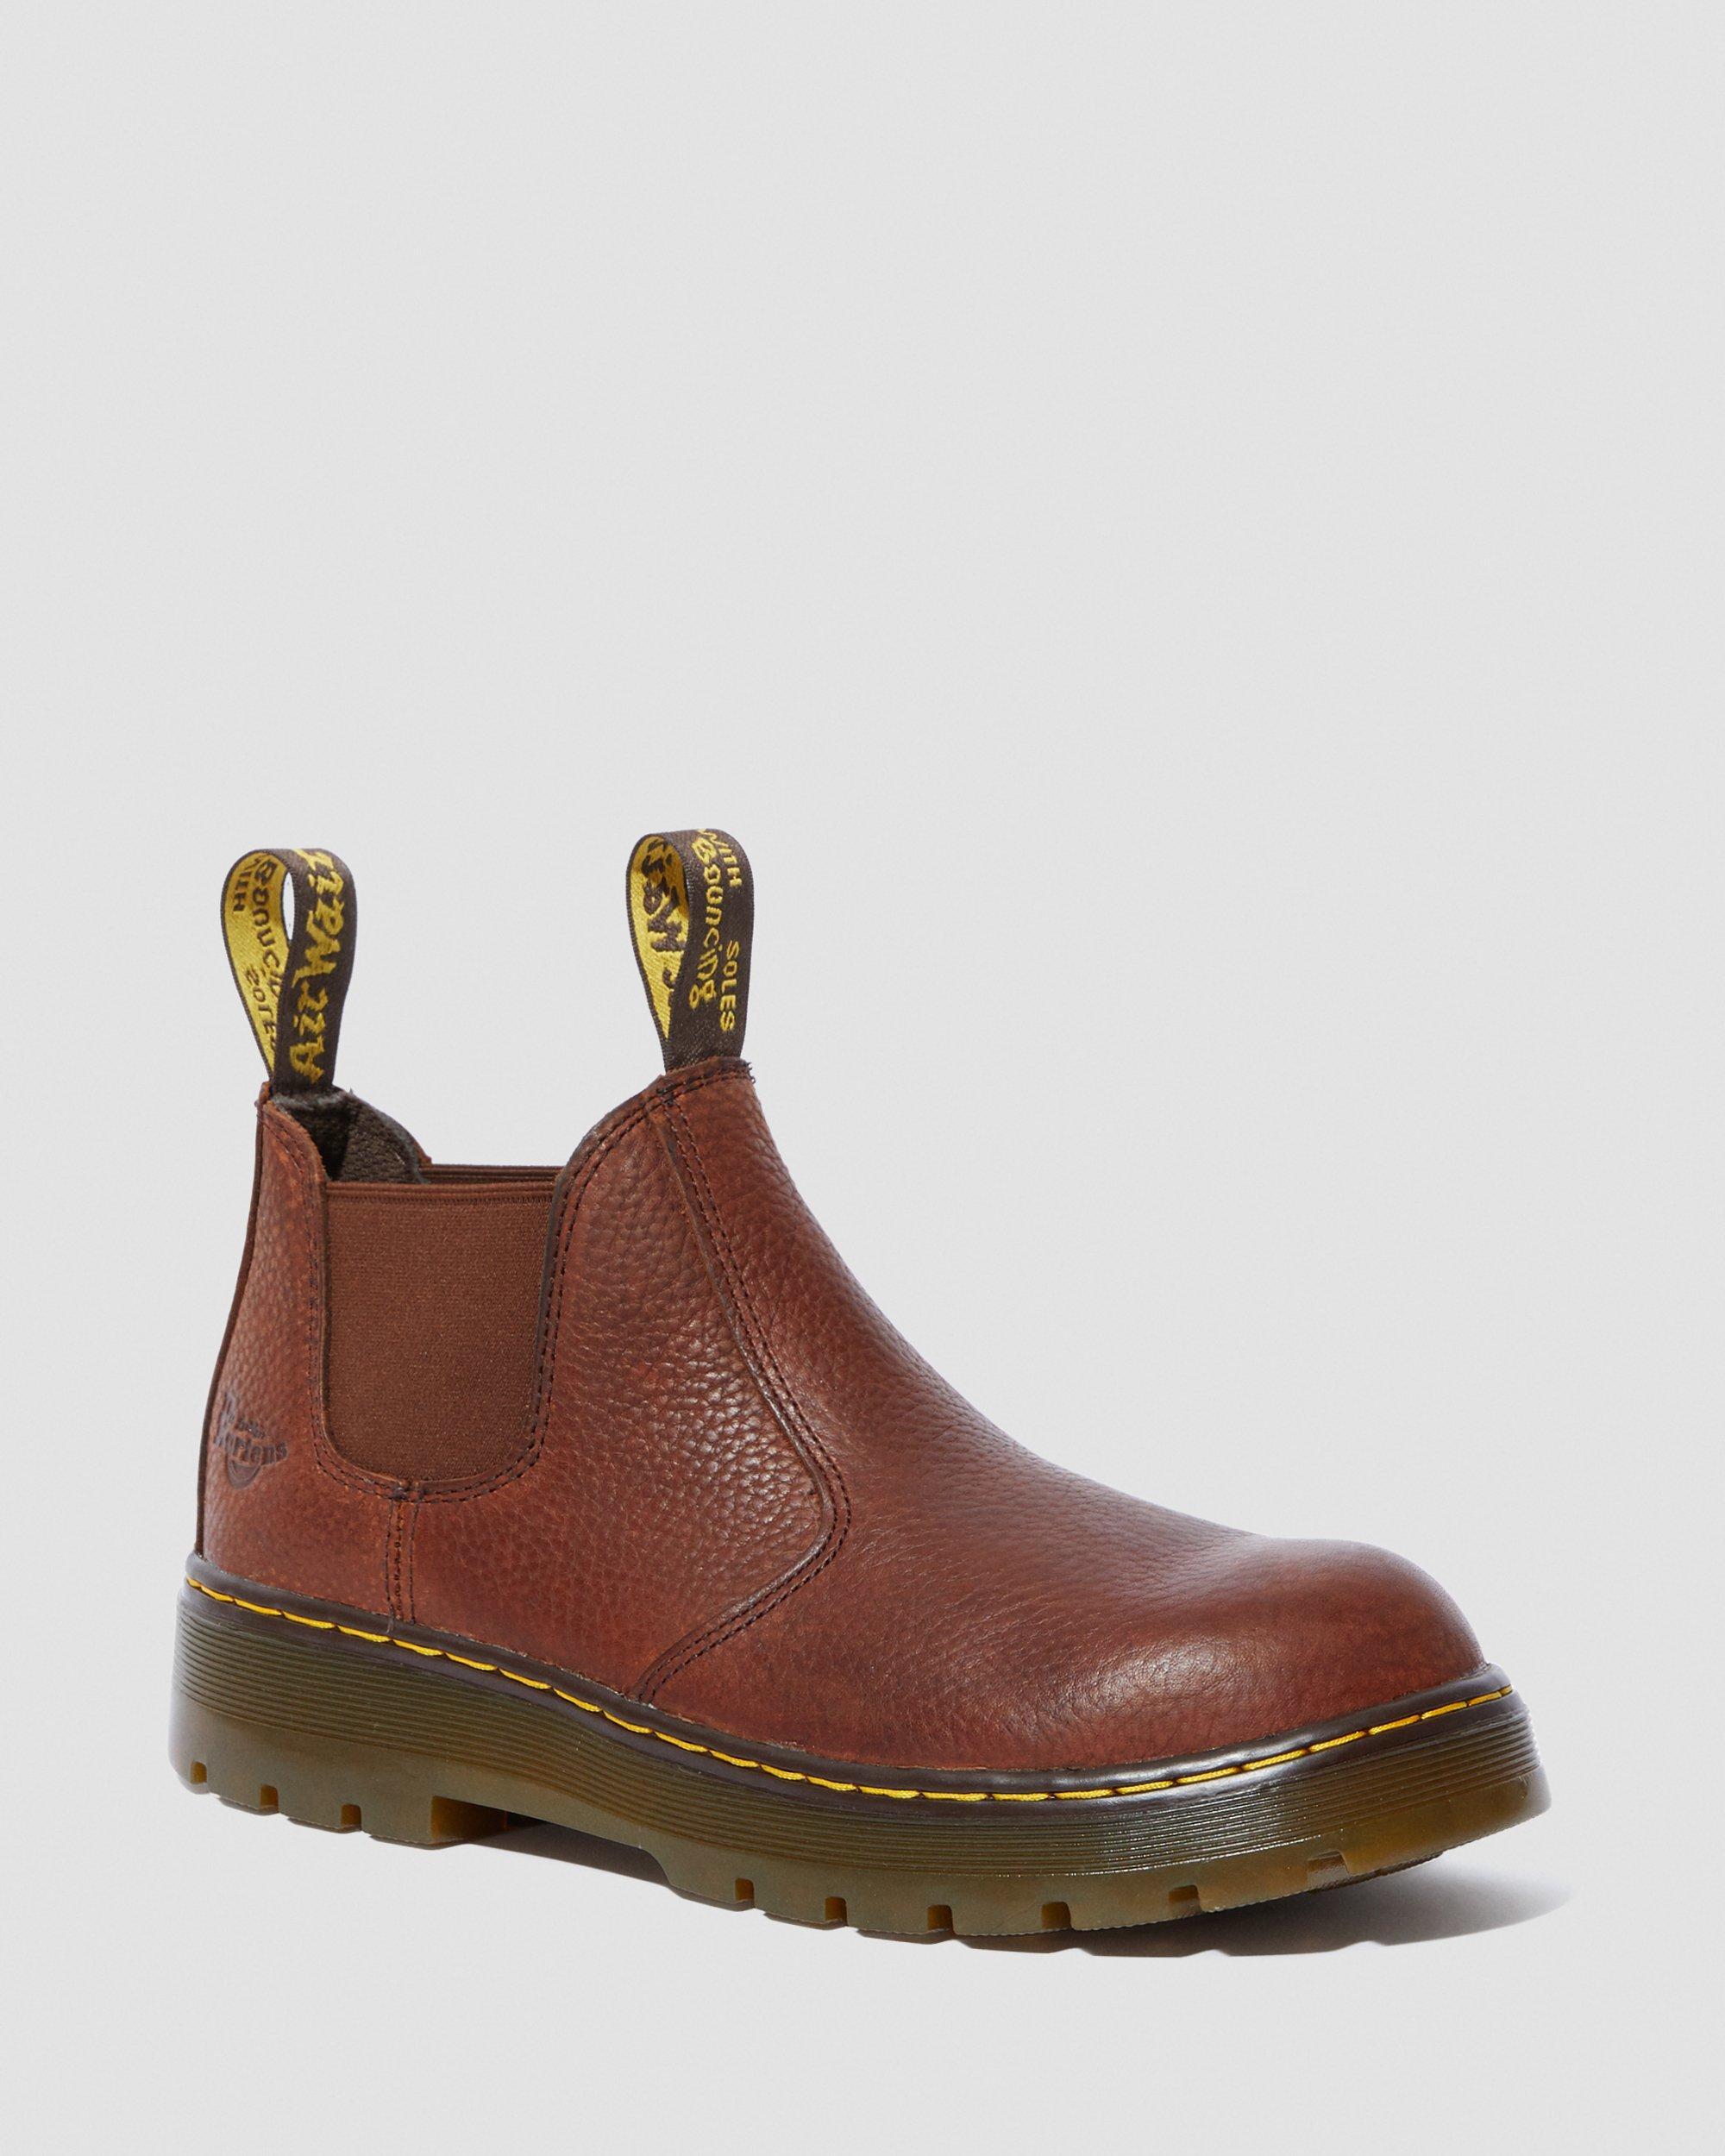 dr martens combat boots